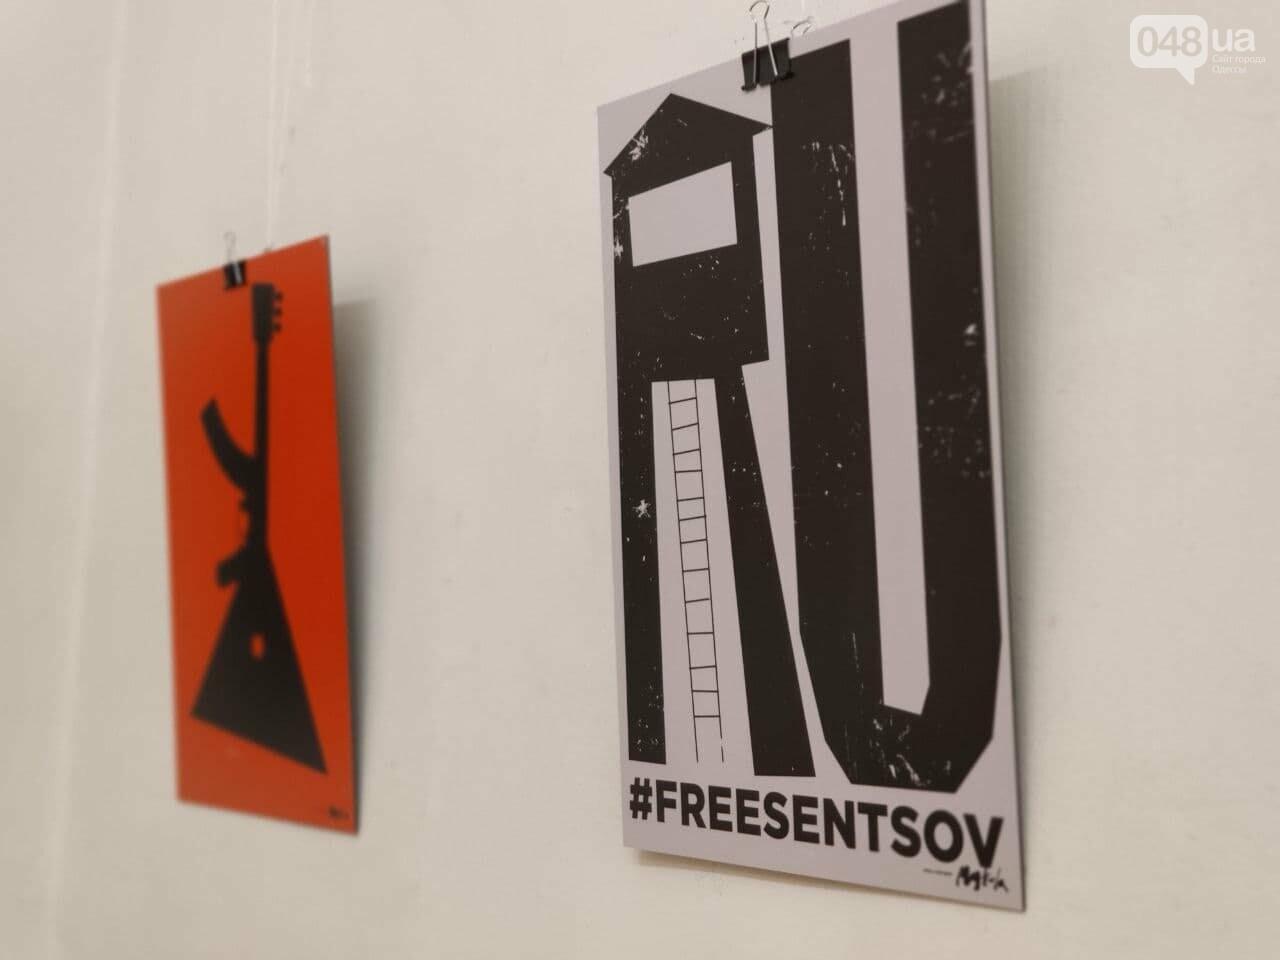 Рефлексия на события Майдана: в Одессе открылась выставка ко Дню Достоинства и Свободы, - ФОТОРЕПОТАЖ, фото-3